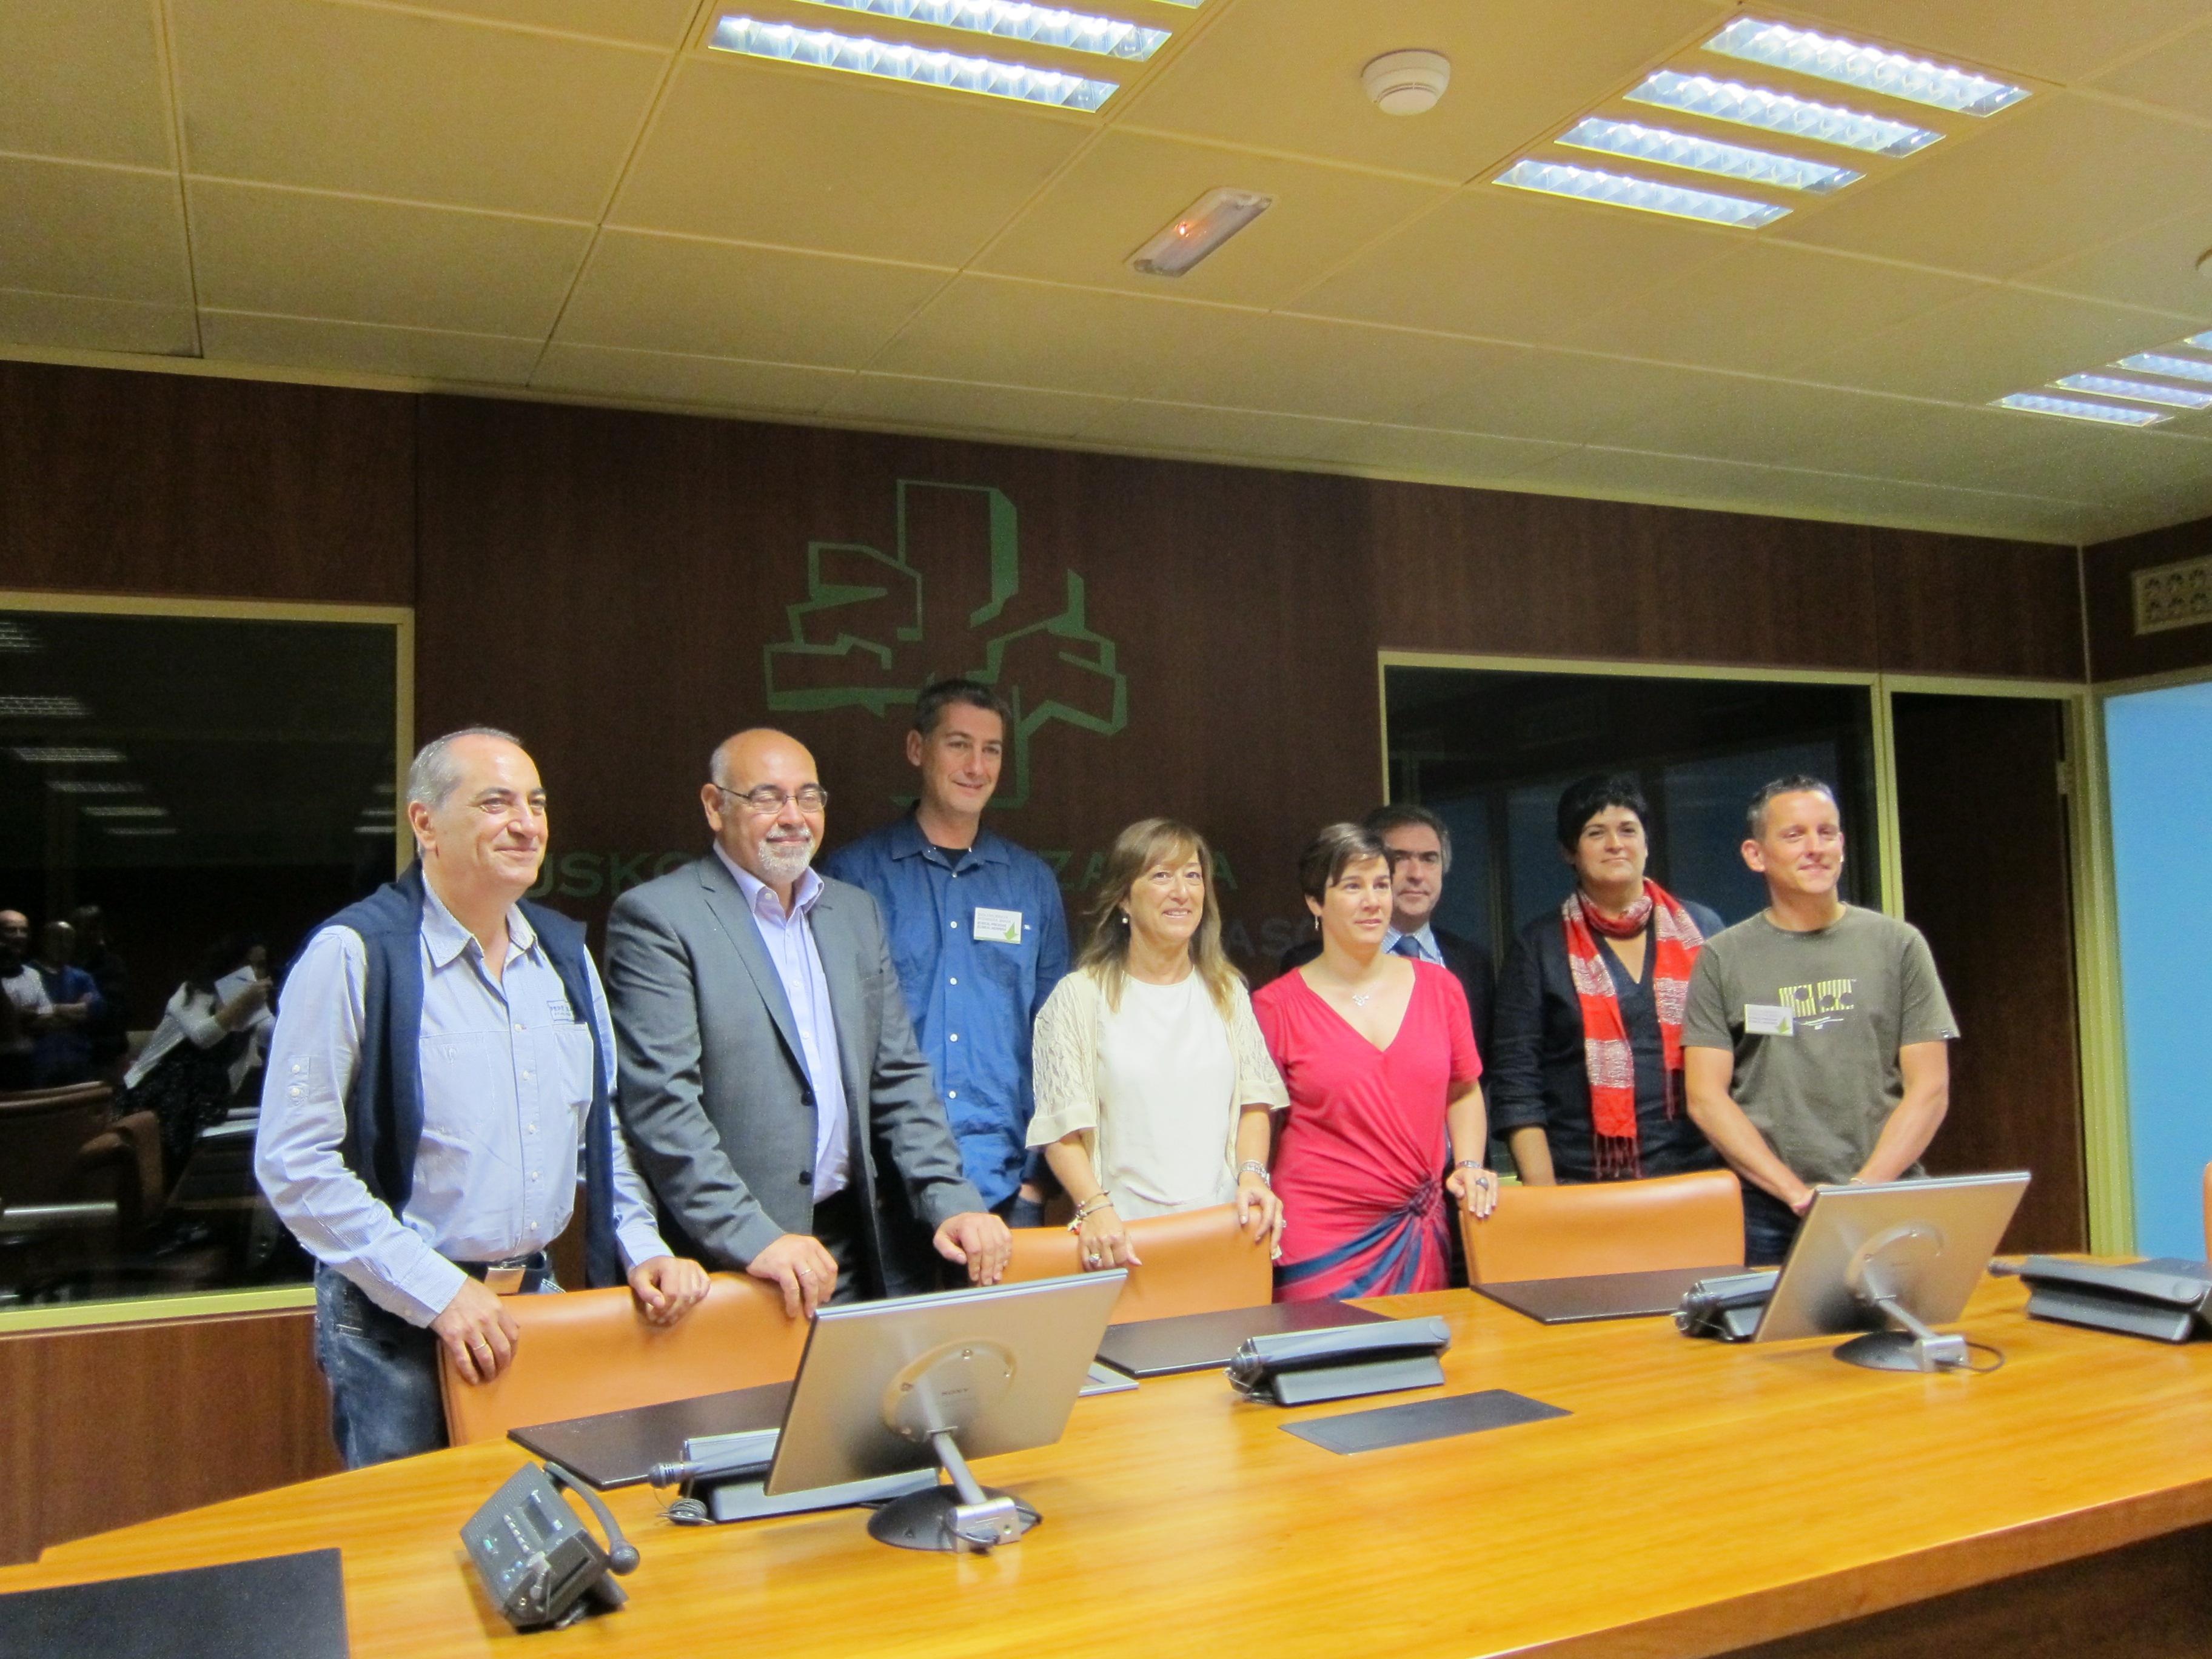 PNV y PSE instan a EH Bildu a plantear propuestas concretas y renunciar a medidas maximalistas